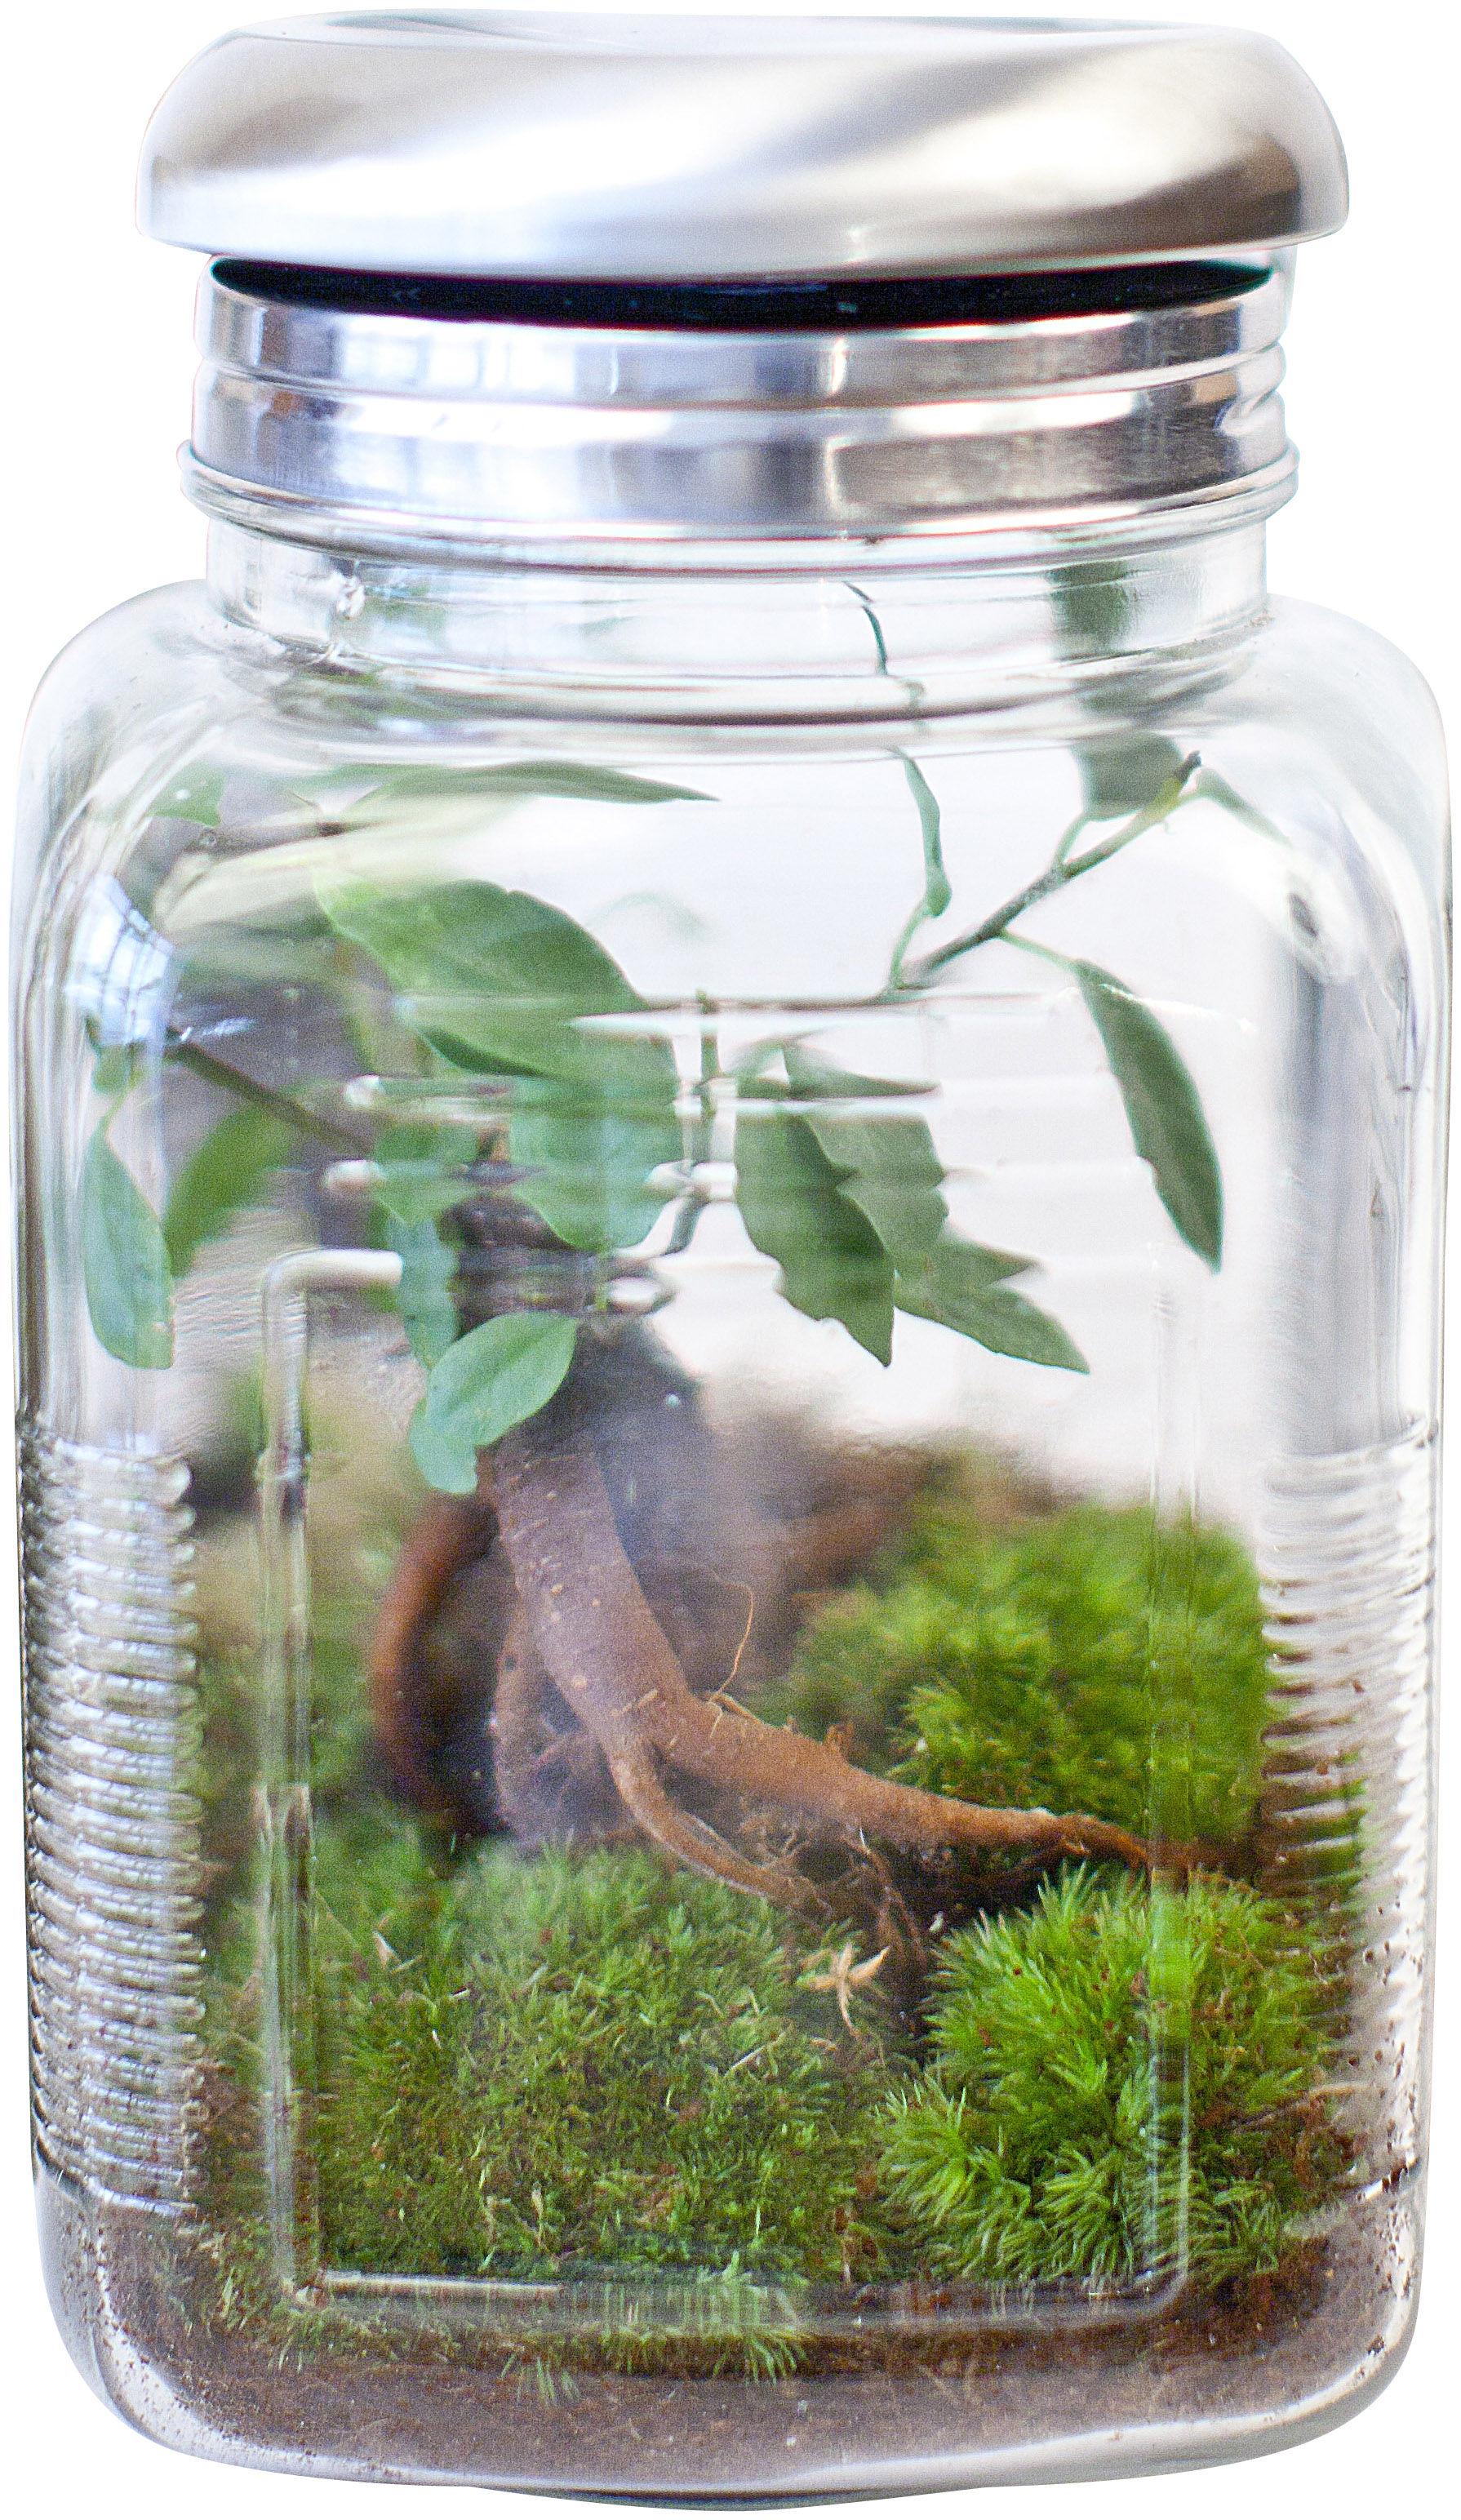 Treeki Sein Ficus Solarbetrieb Green Factory Mini Serre Autonome